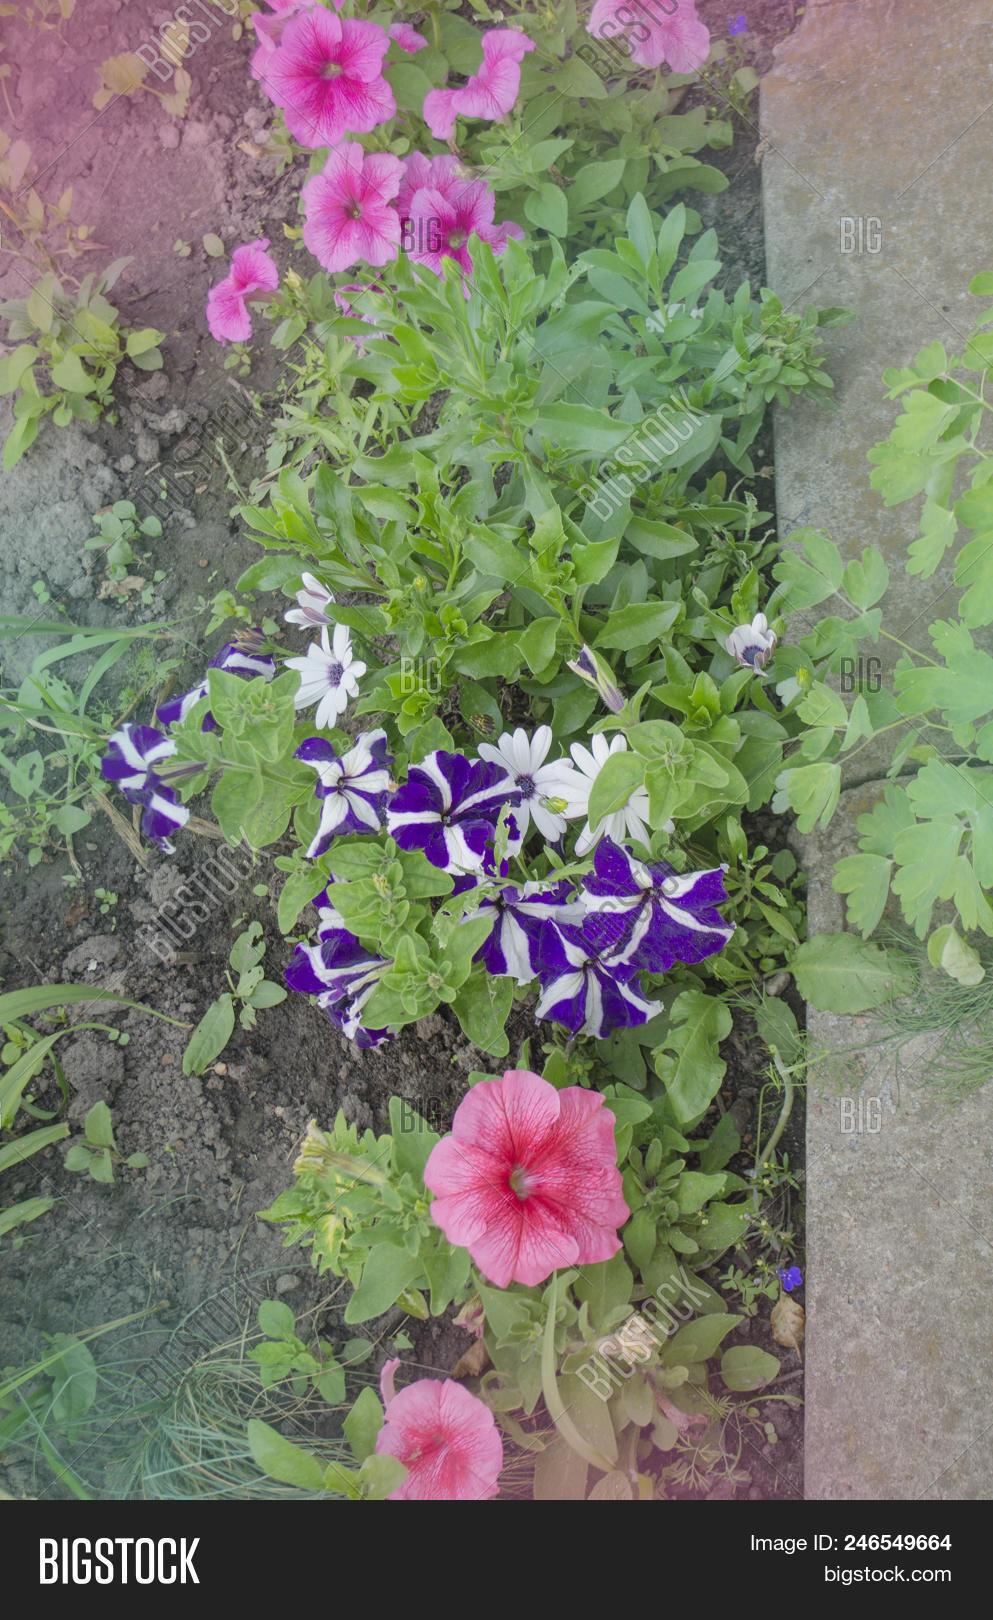 Blooming Petunia Flowers On Flowerbed Photo Stock